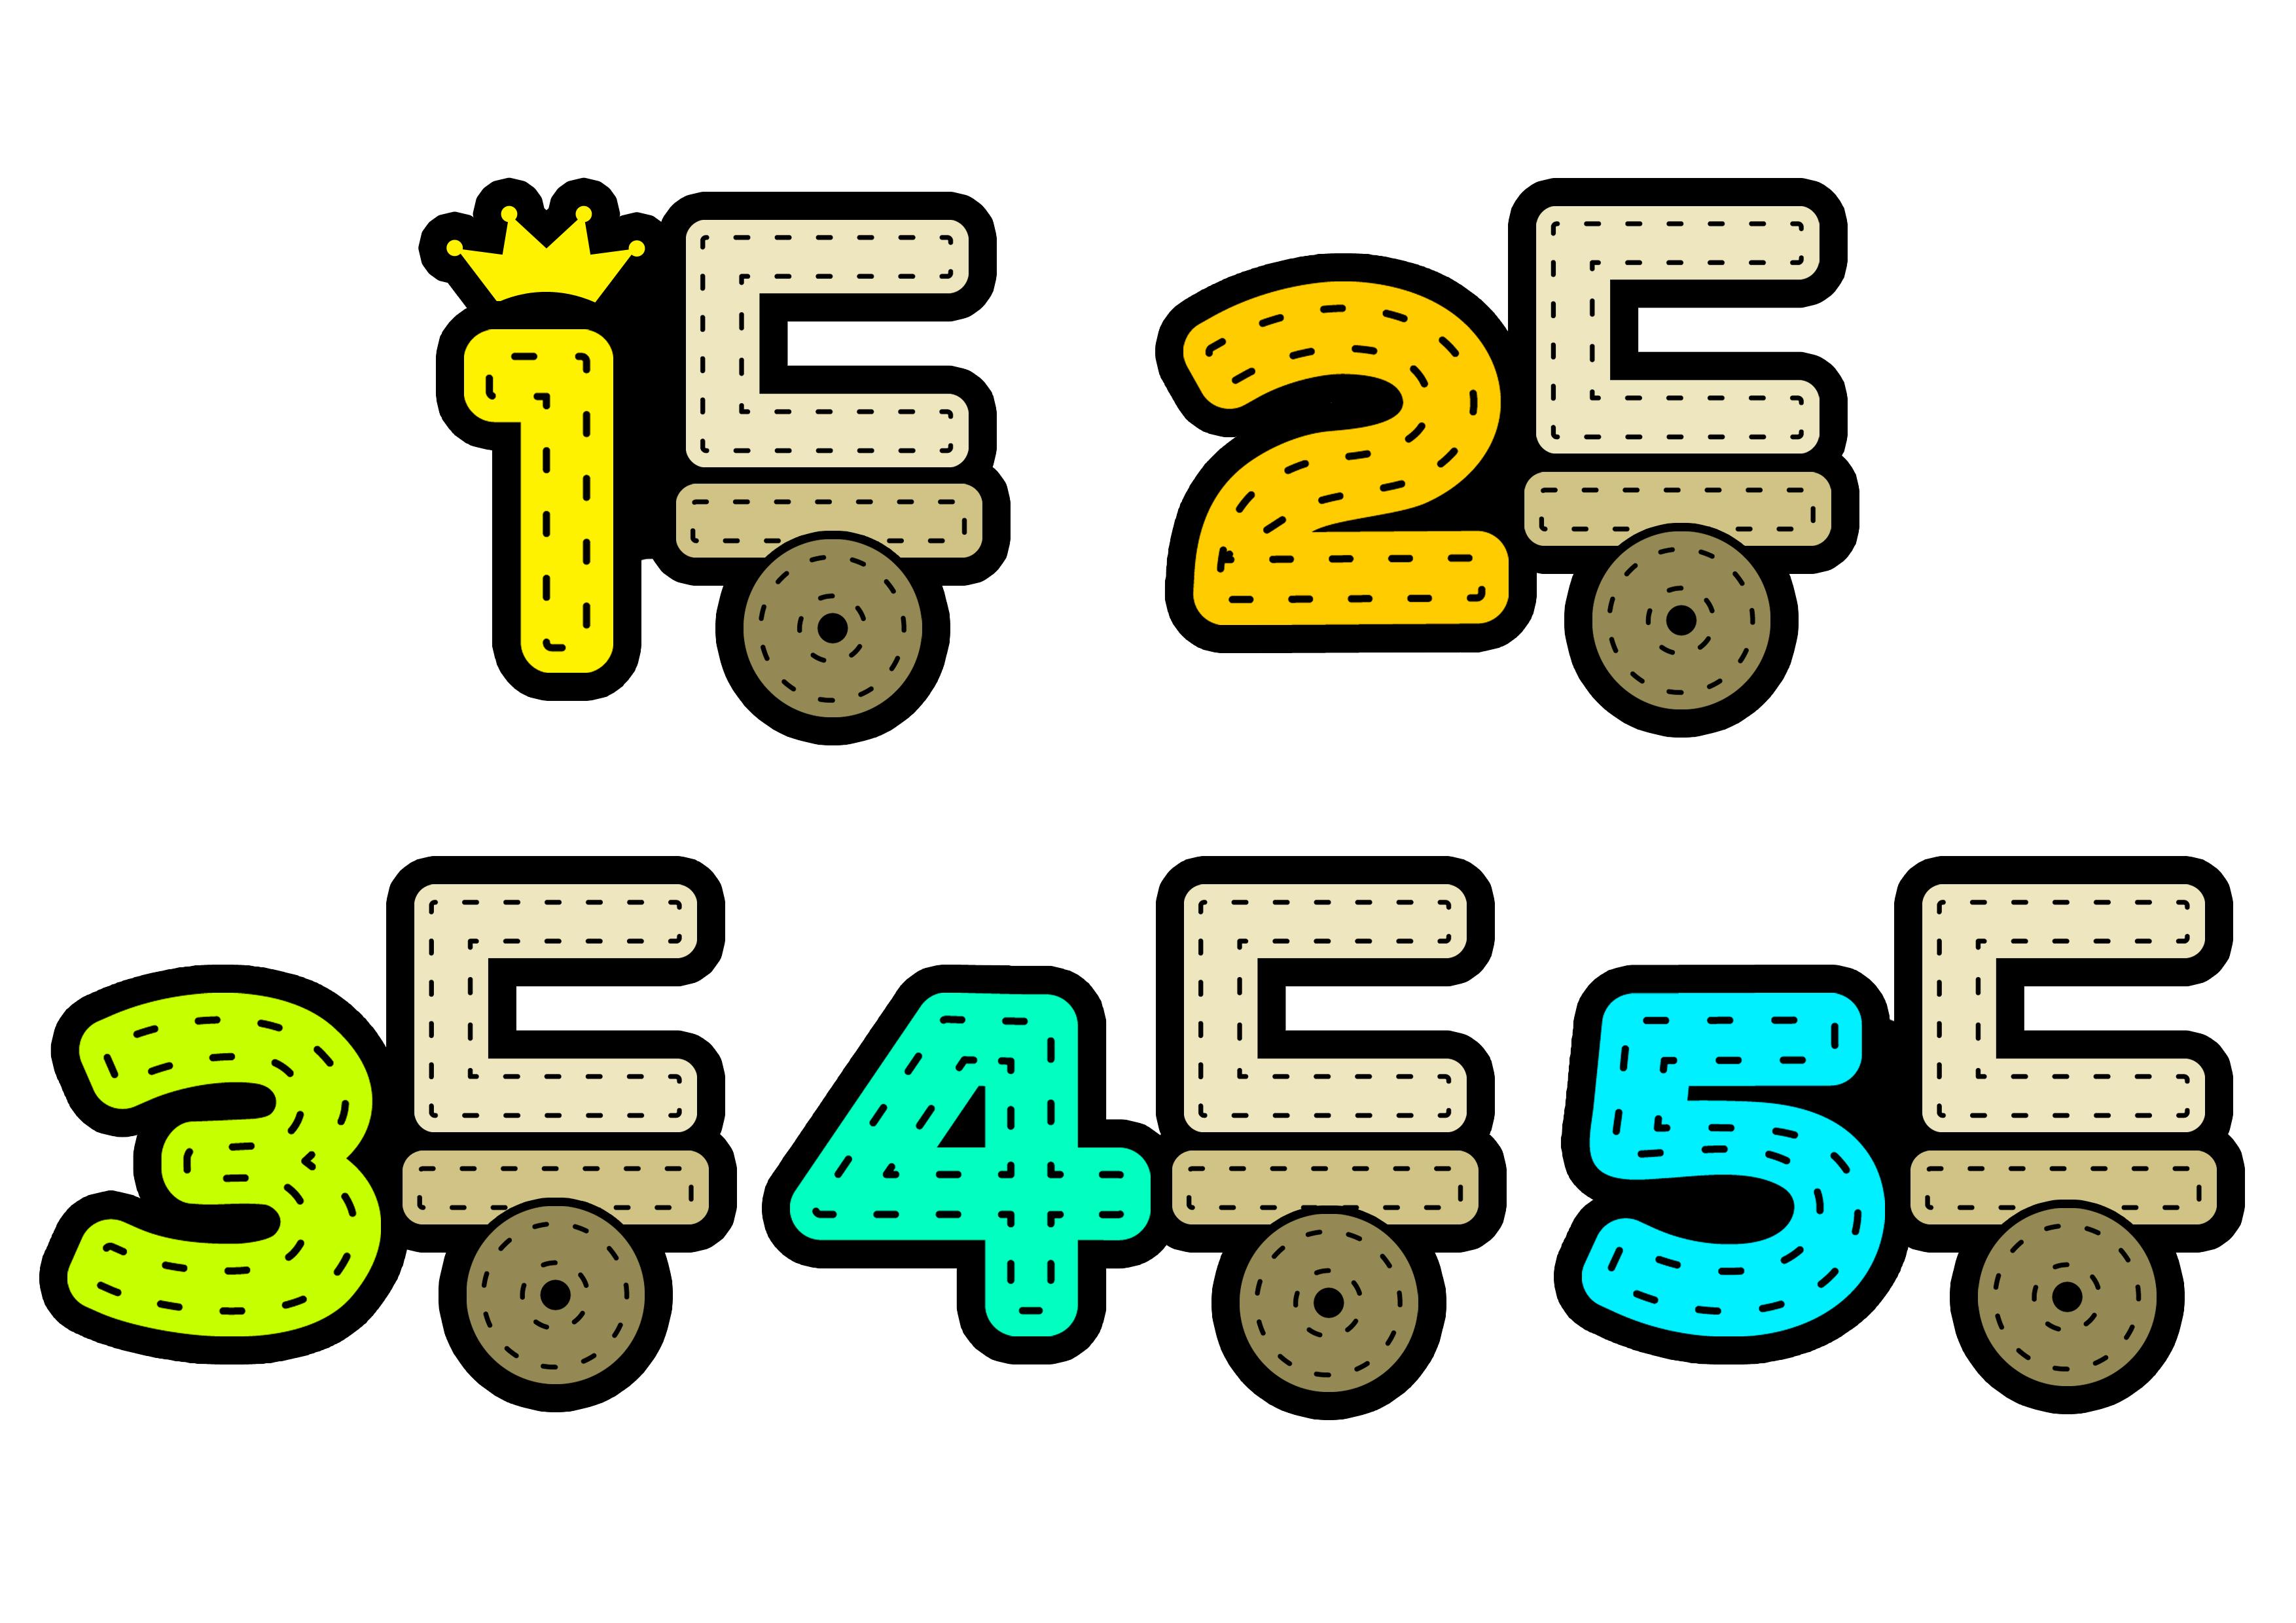 1등,2등,3등,4등,5등 (등수,순위,우승자)